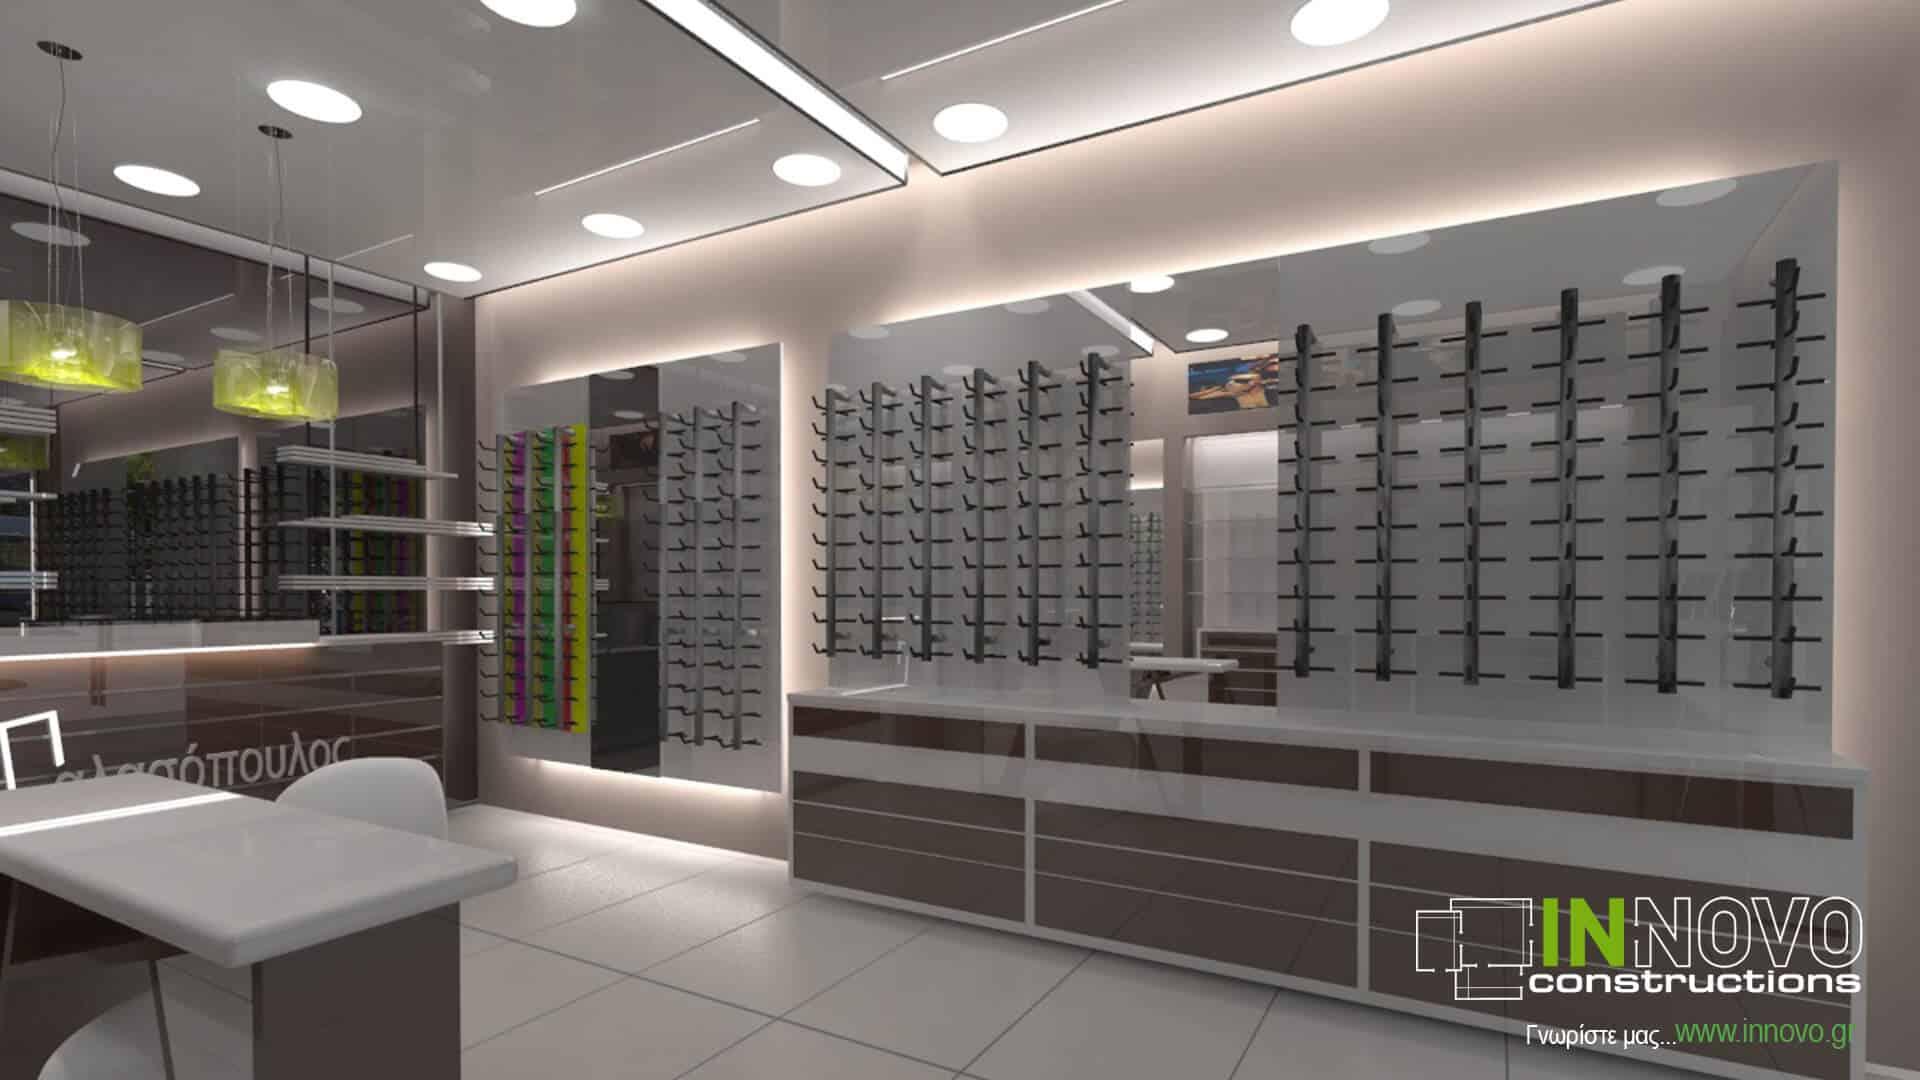 Μελέτη κατασκευής καταστήματος οπτικών στο Γαλάτσι